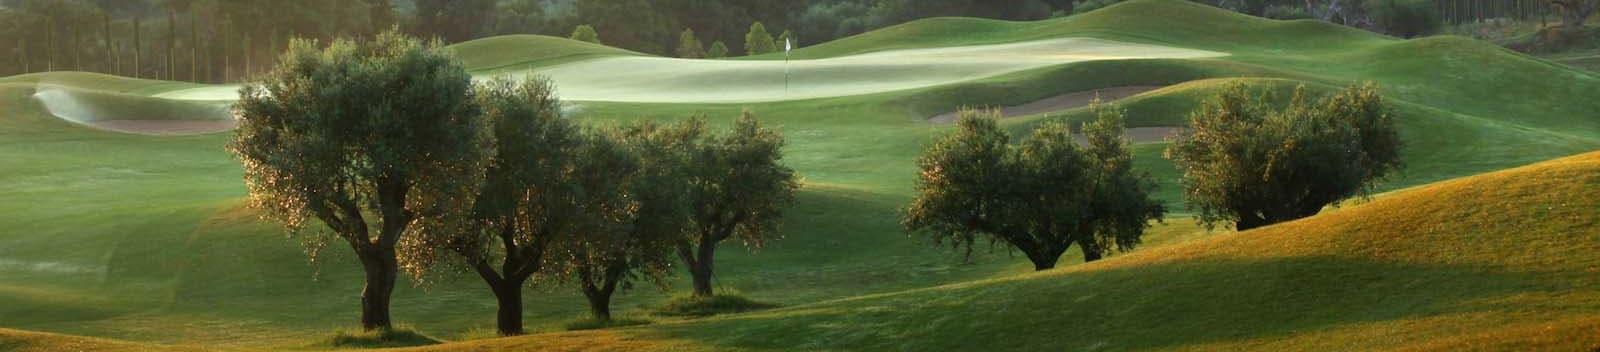 golf-course-68